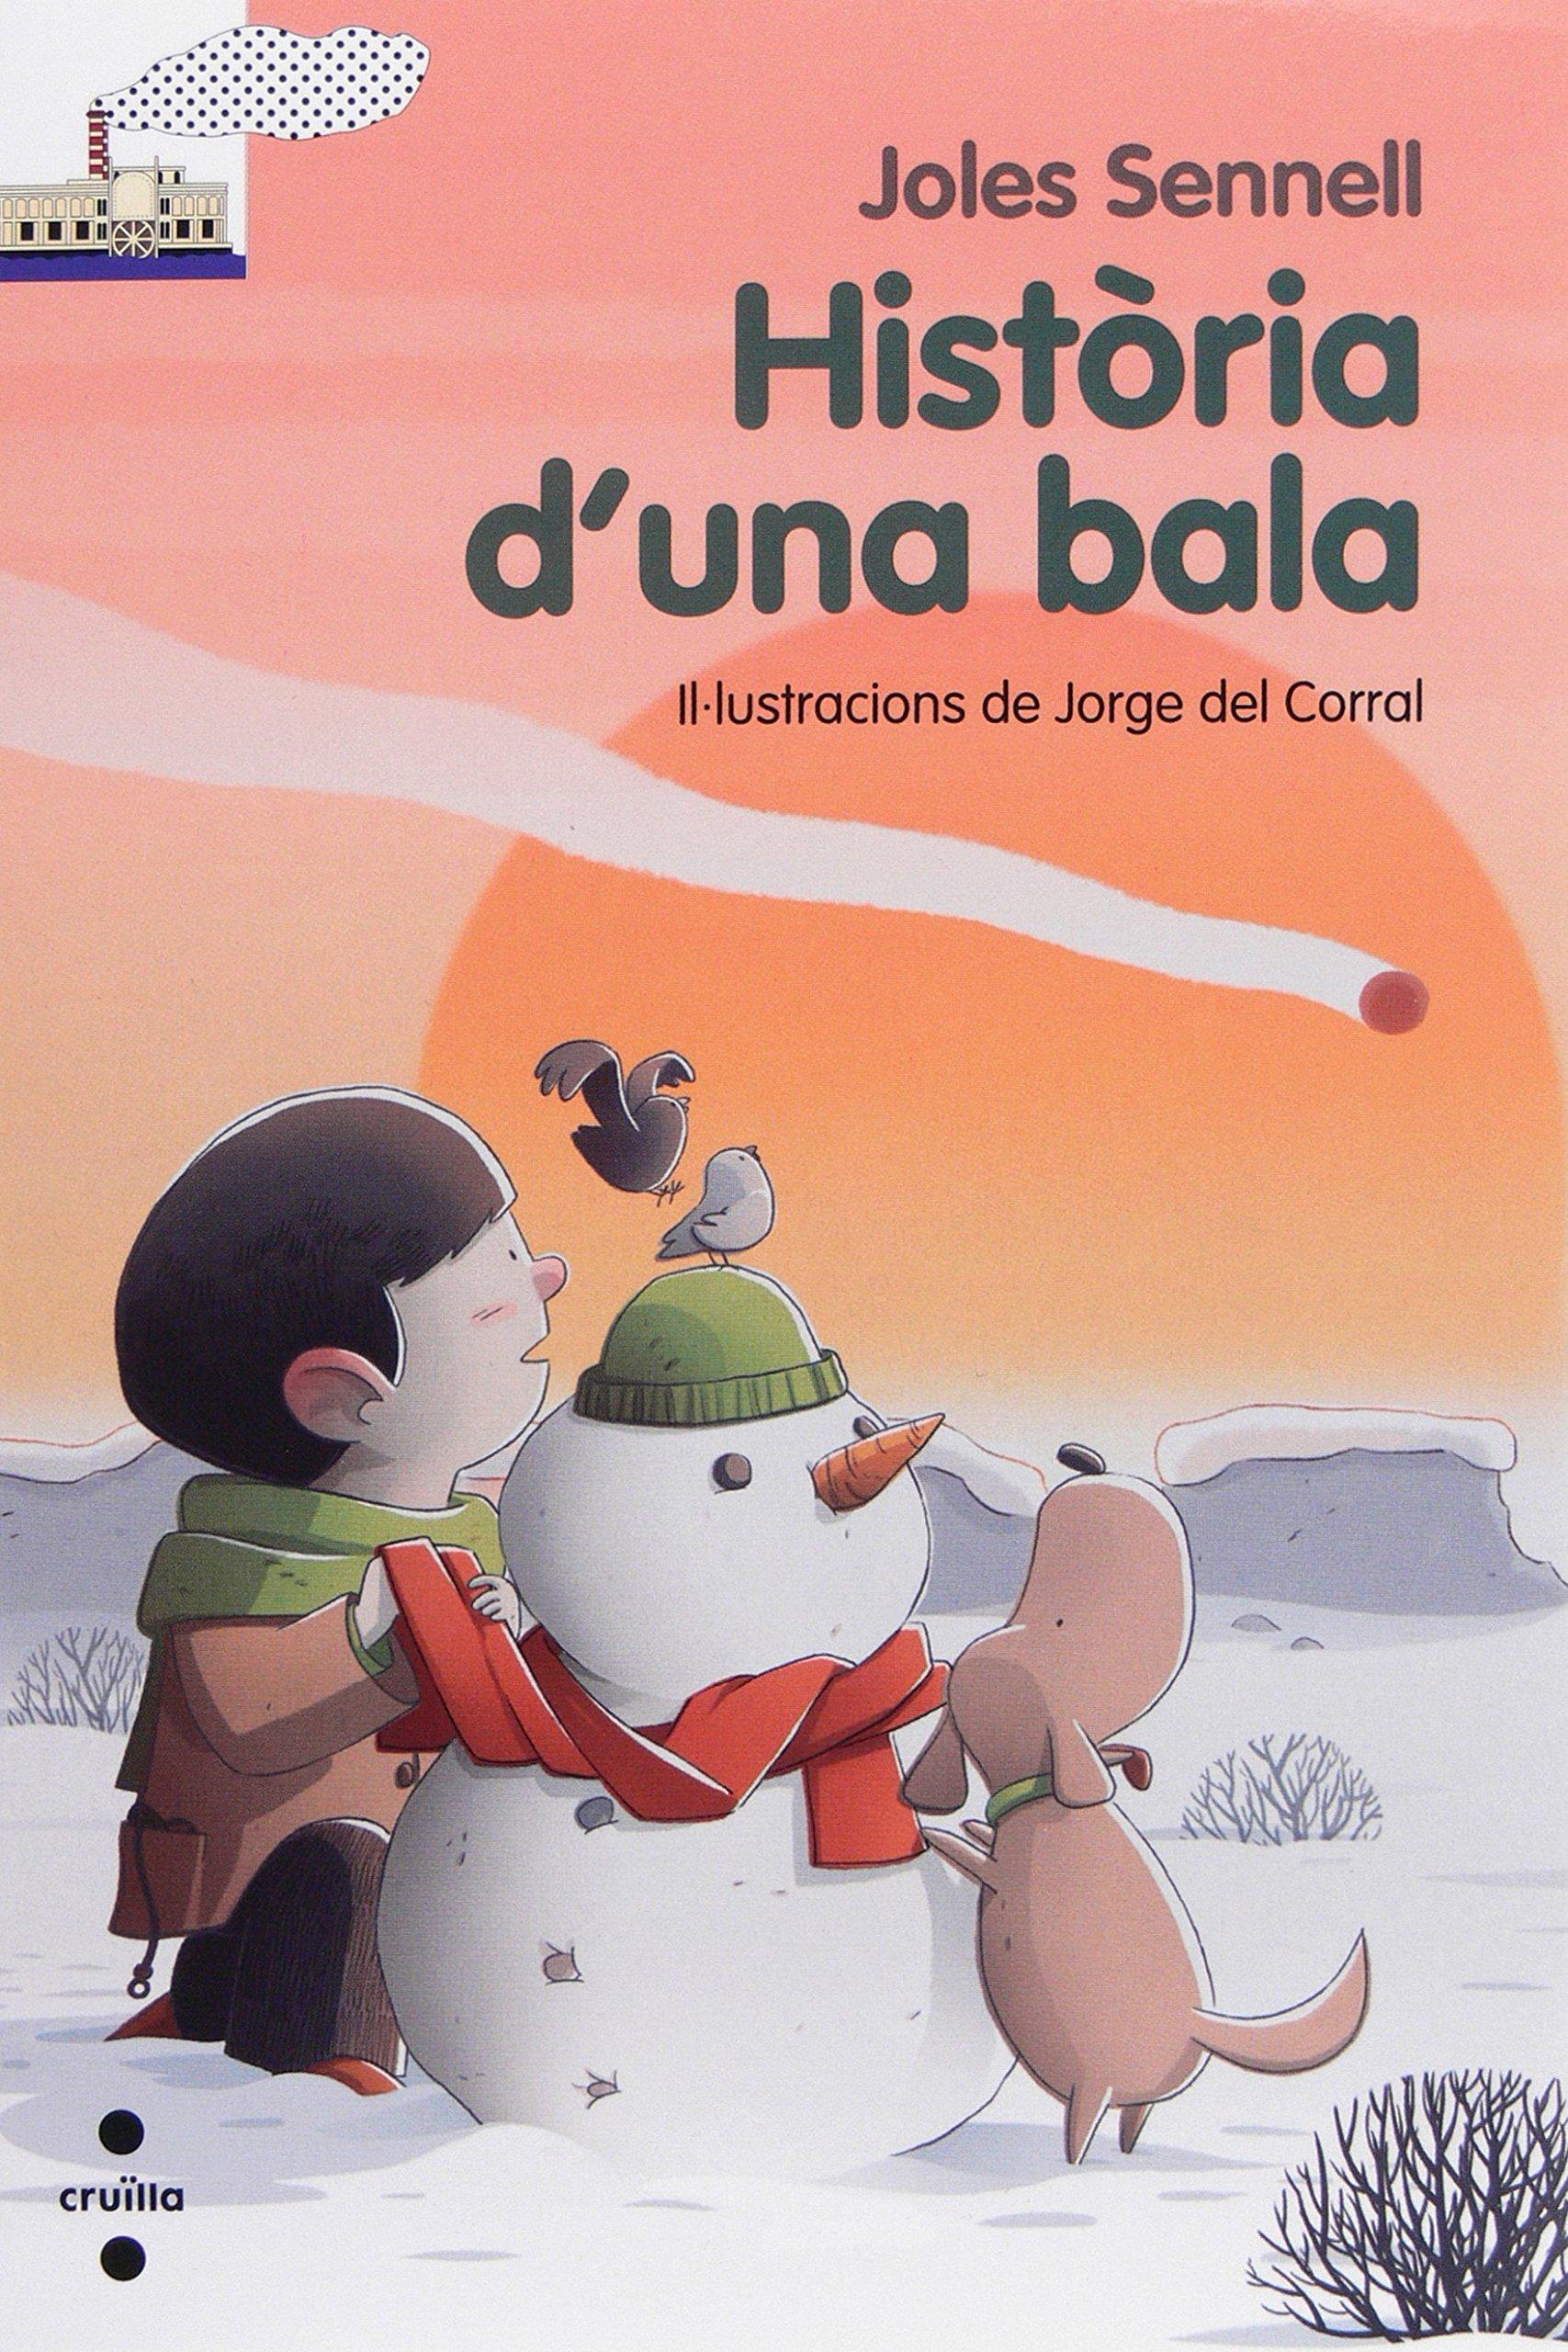 Història duna bala (El Barco de Vapor Blanca): Amazon.es: Joles Sennell, Jorge del Corral: Libros